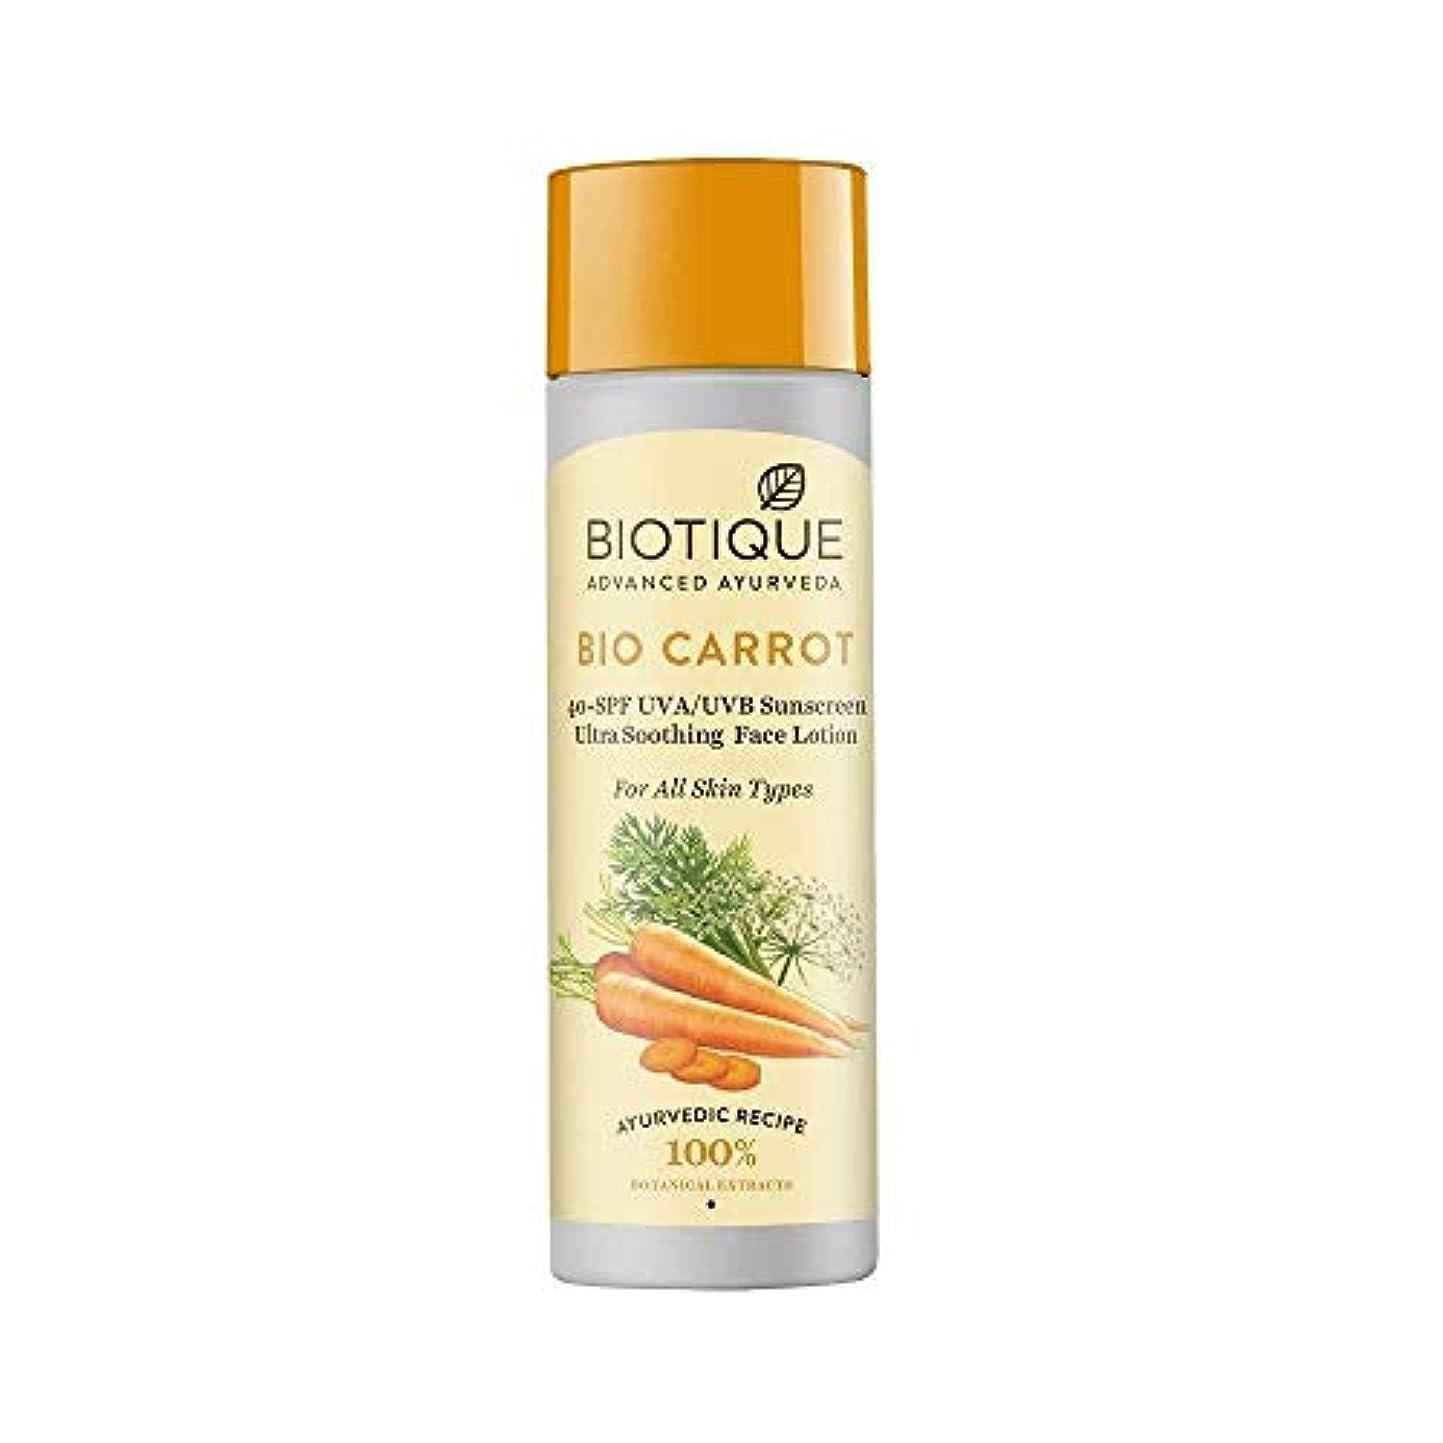 尊敬施し爆弾Biotique Bio Carrot Face & Body Sun Lotion SPF 40 UVA/UVB Sunscreen 190ml ビオティックバイオニンジンフェイス&ボディサンローションSPF 40 UVA...